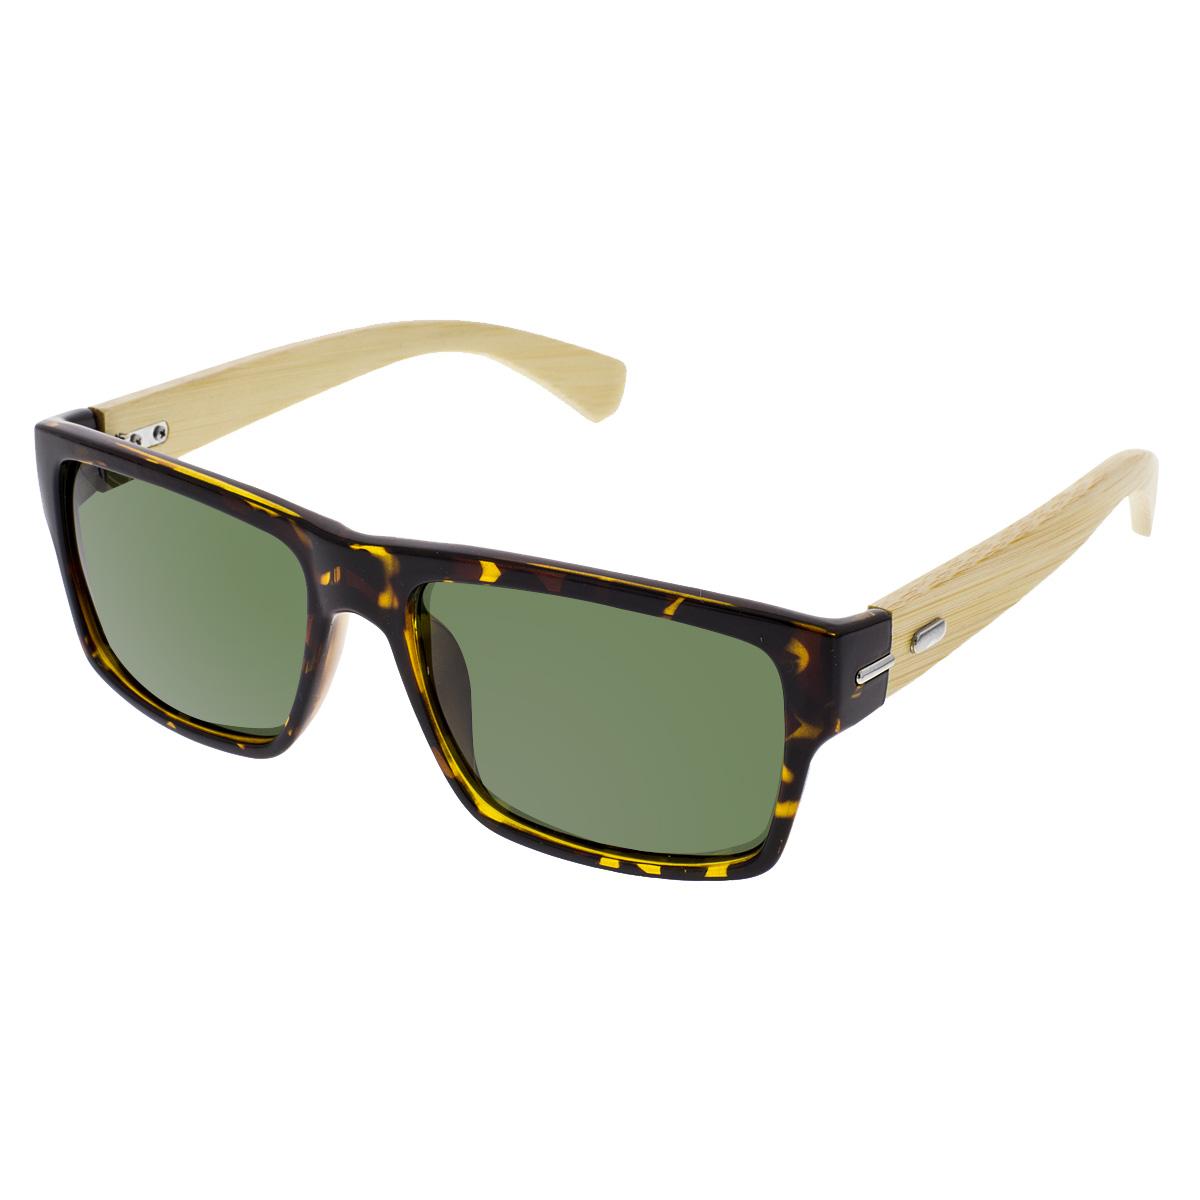 Dřevěné sluneční brýle Willow leopard